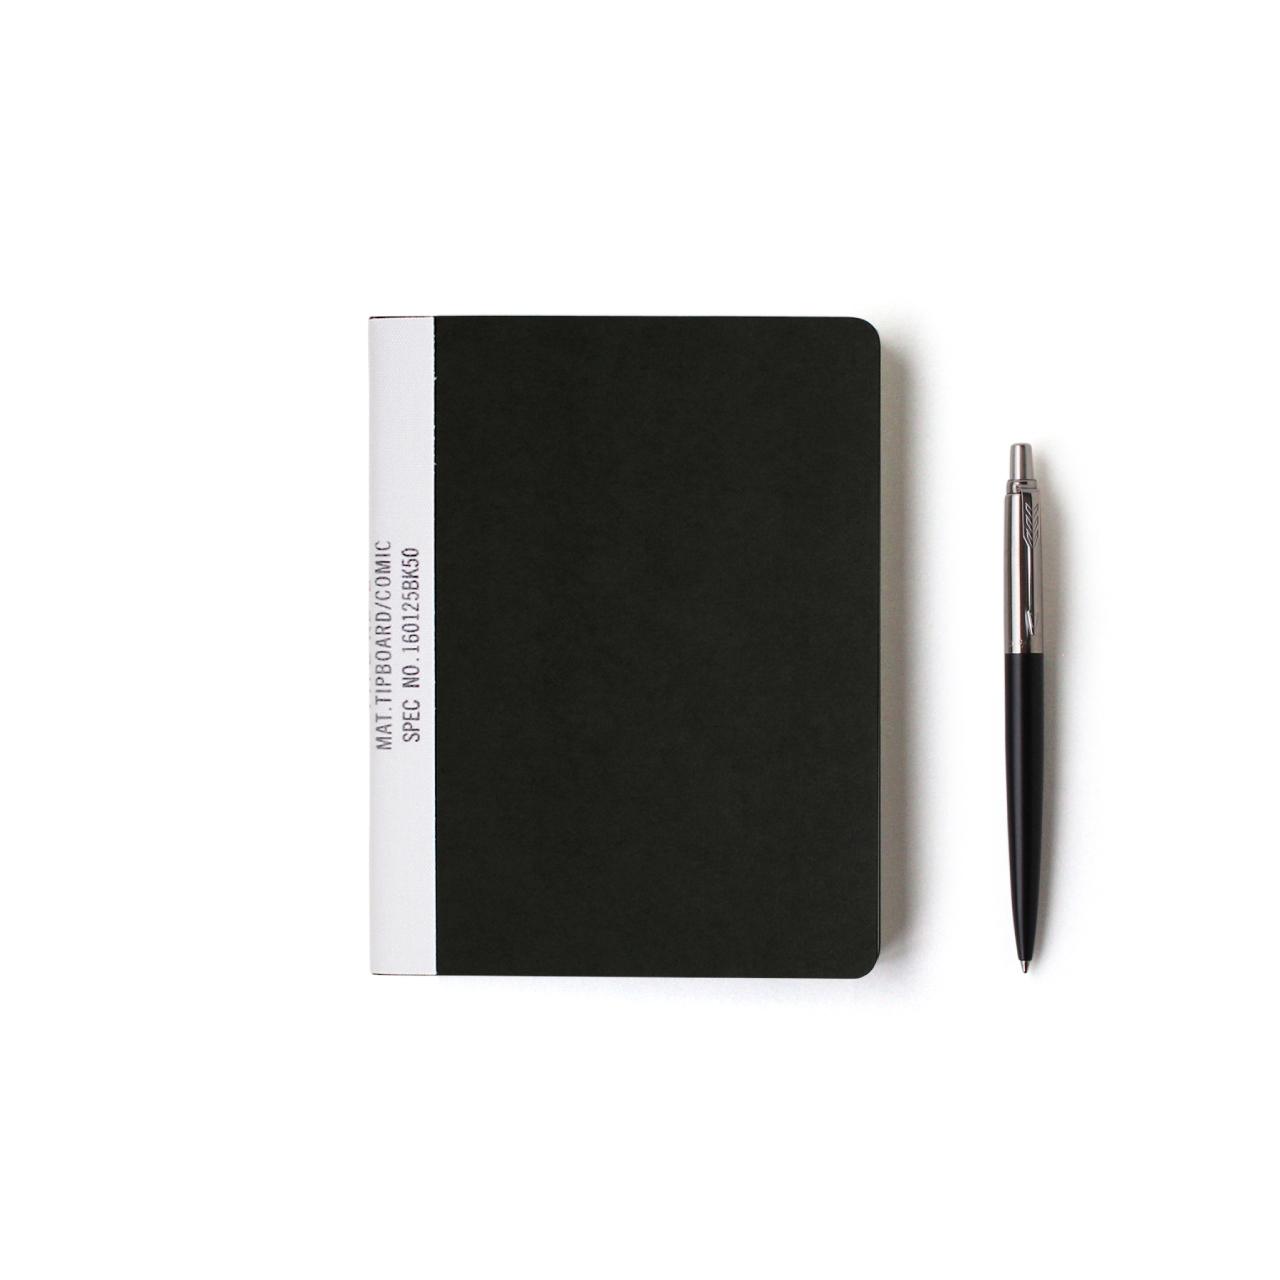 【ネコポス対応】MUCU Blank Note ブラック Sサイズ